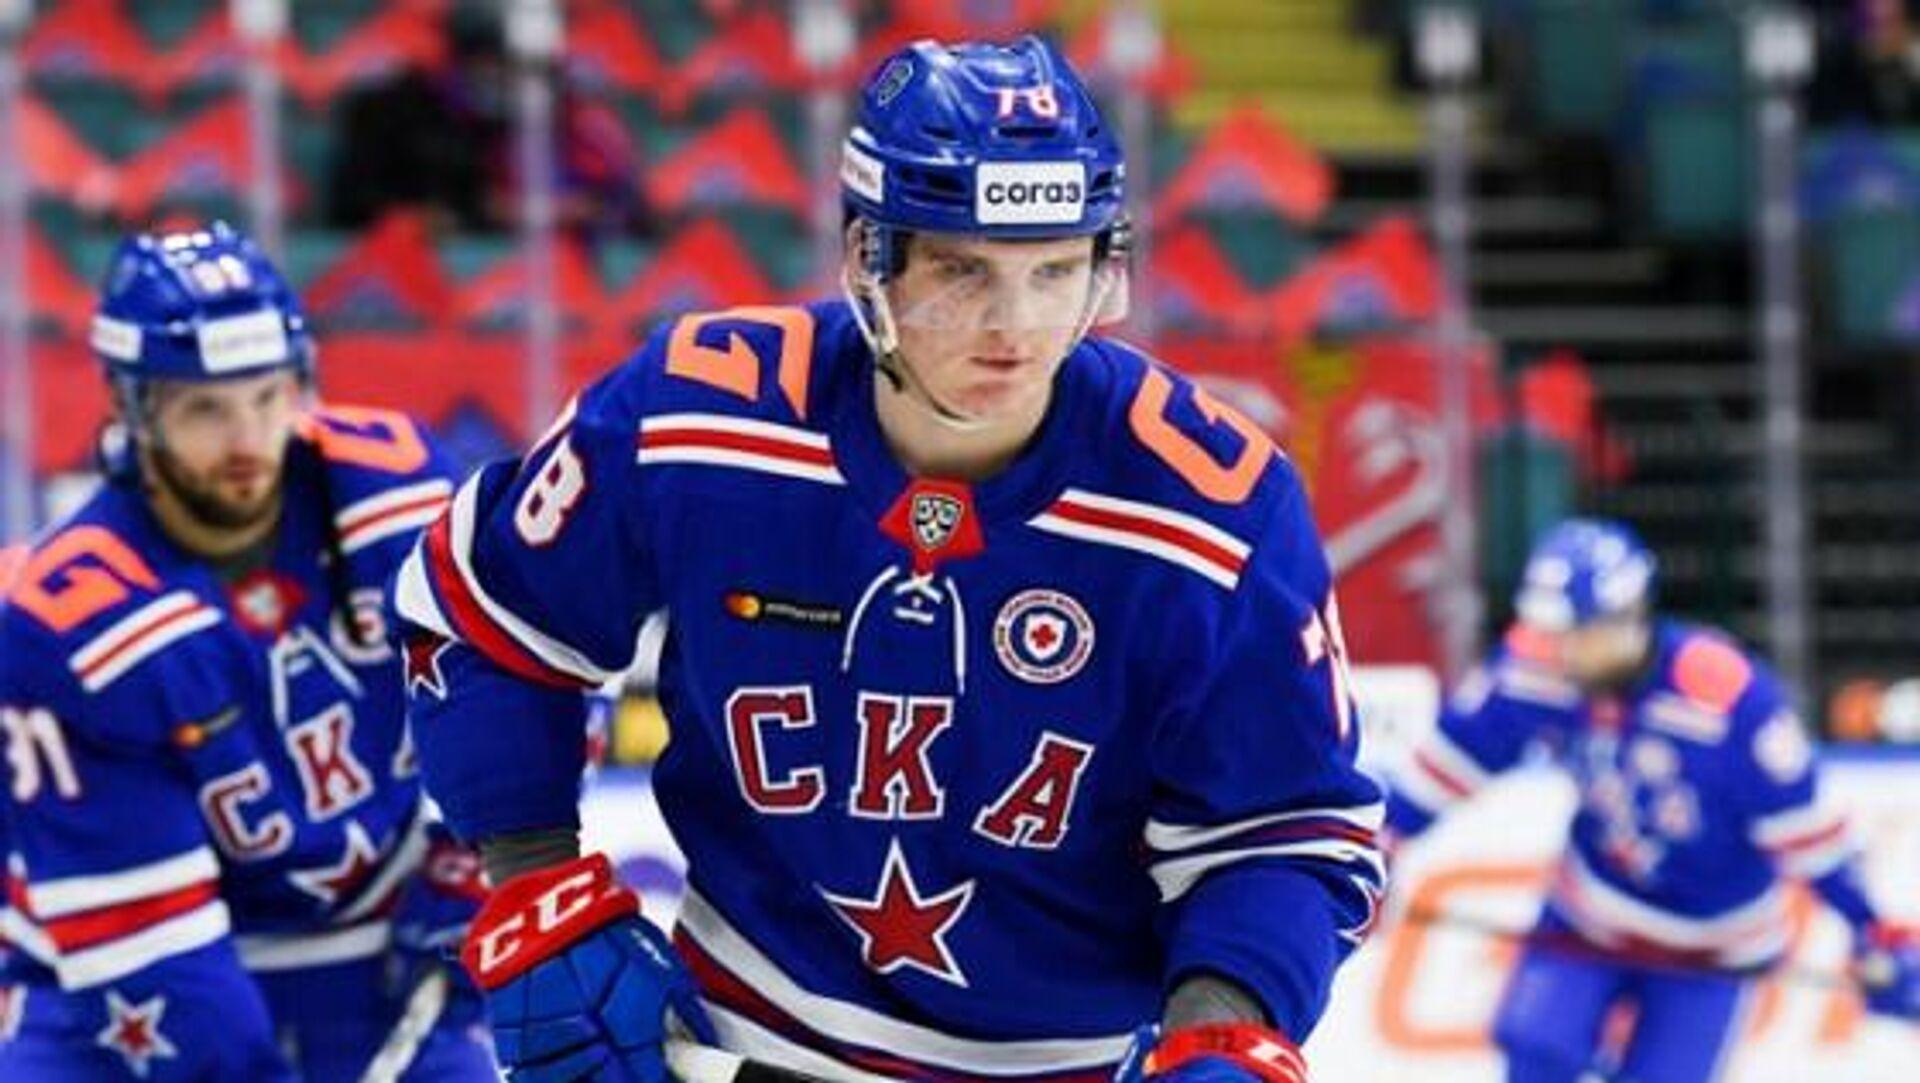 Хоккеист СКА Кирилл Кирсанов - РИА Новости, 1920, 01.05.2021